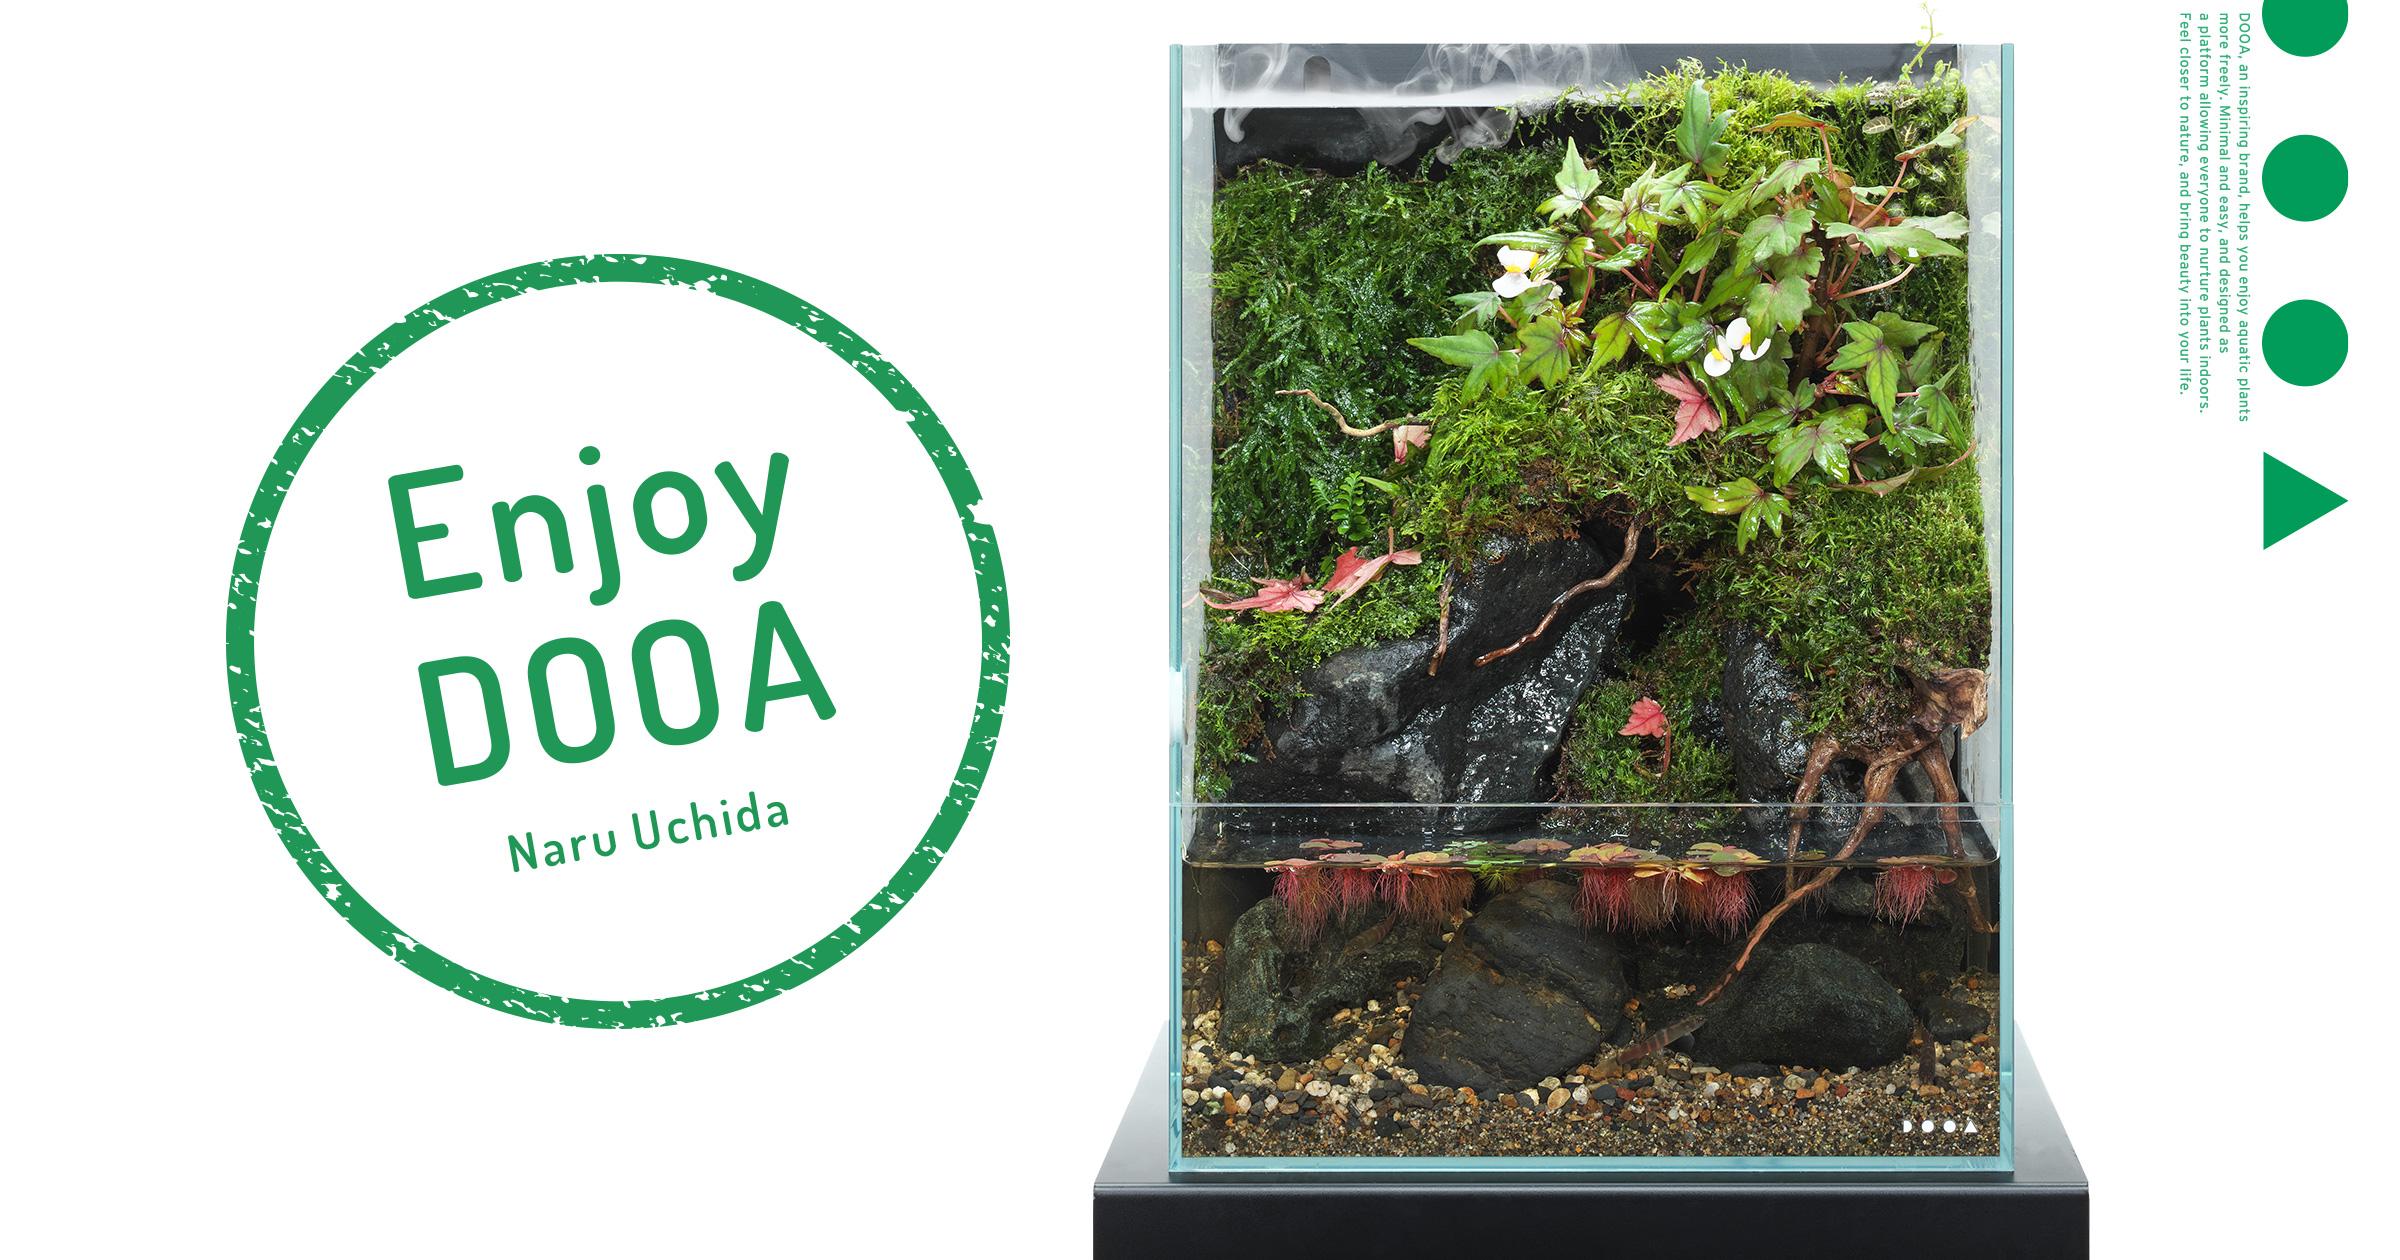 Enjoy DOOA「小型ベゴニア種で散るもみじをかりそめの表現として楽しむ」